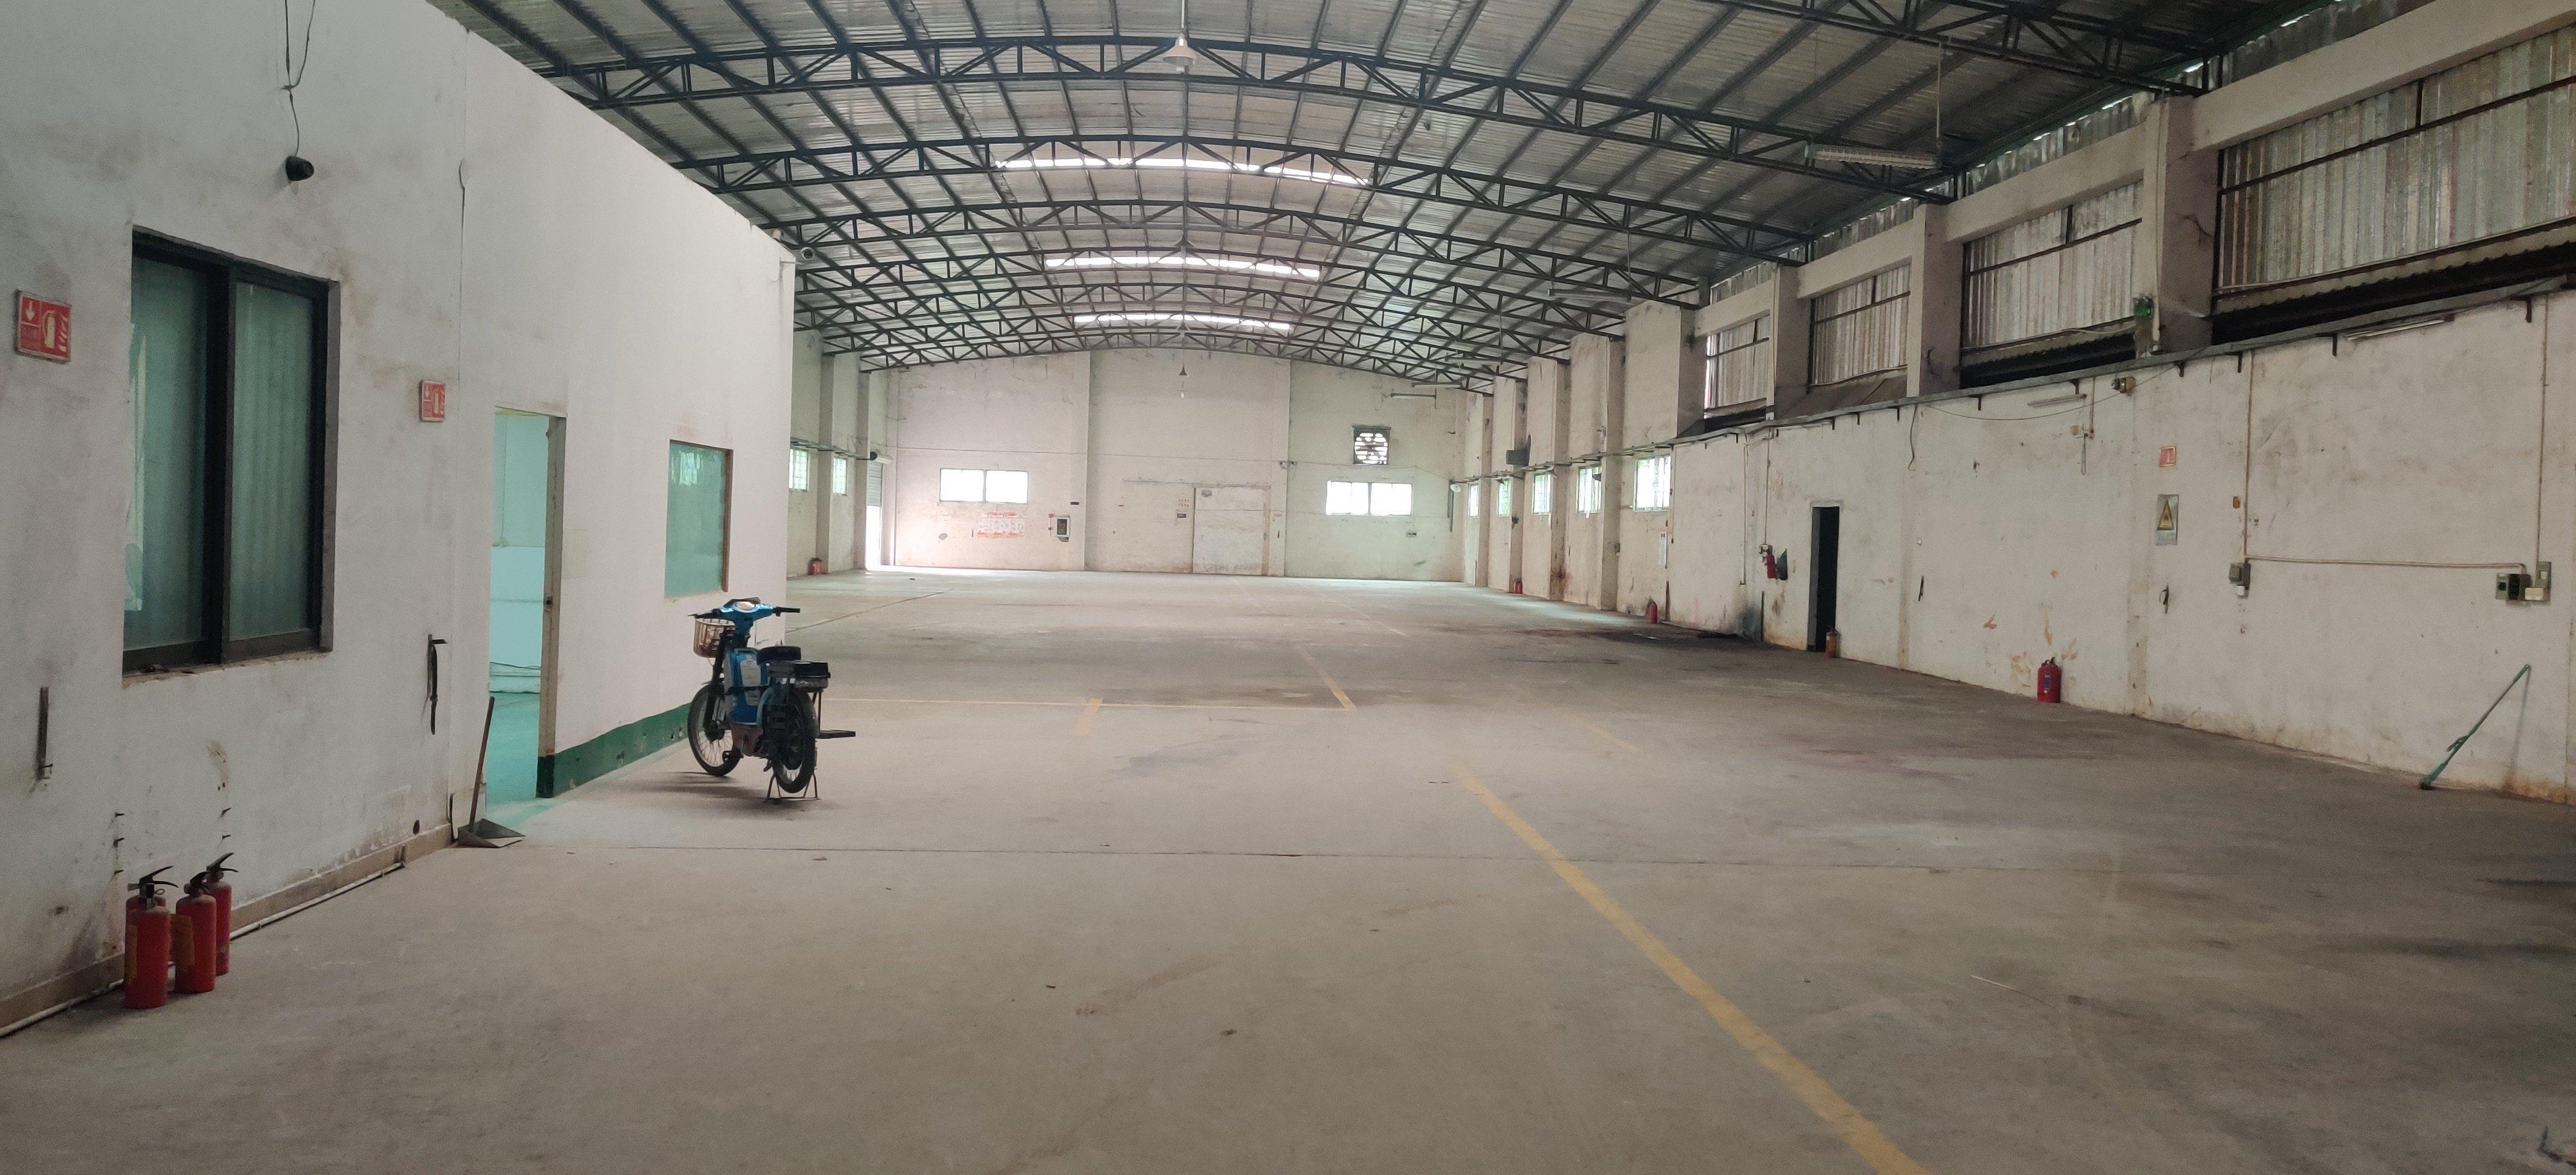 寮步镇出租单层钢构1800平方滴水7.5米